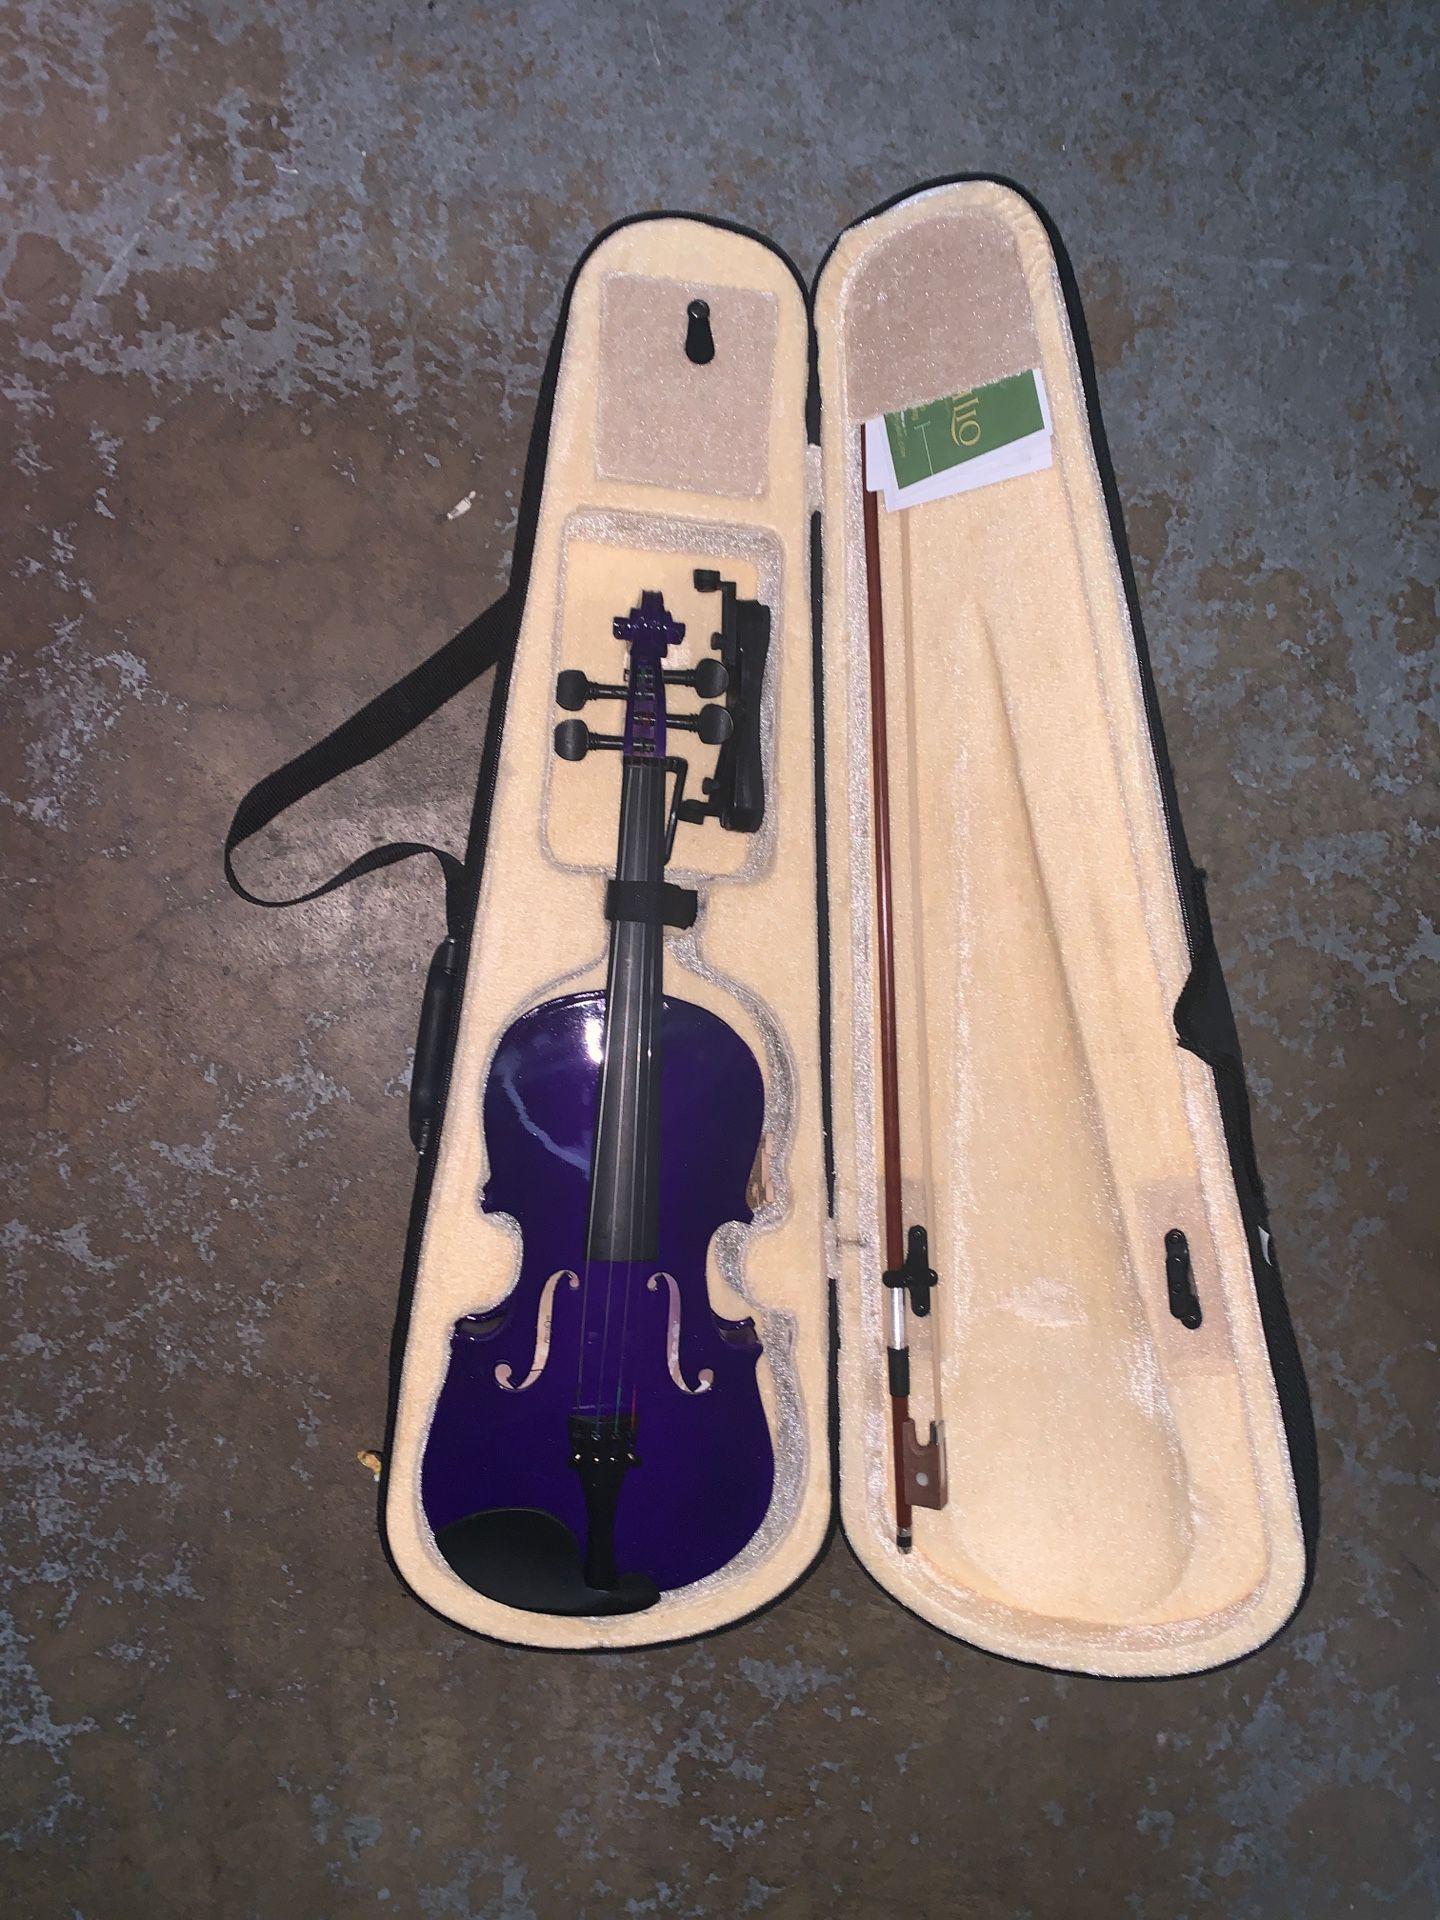 Cecilio violin g-string